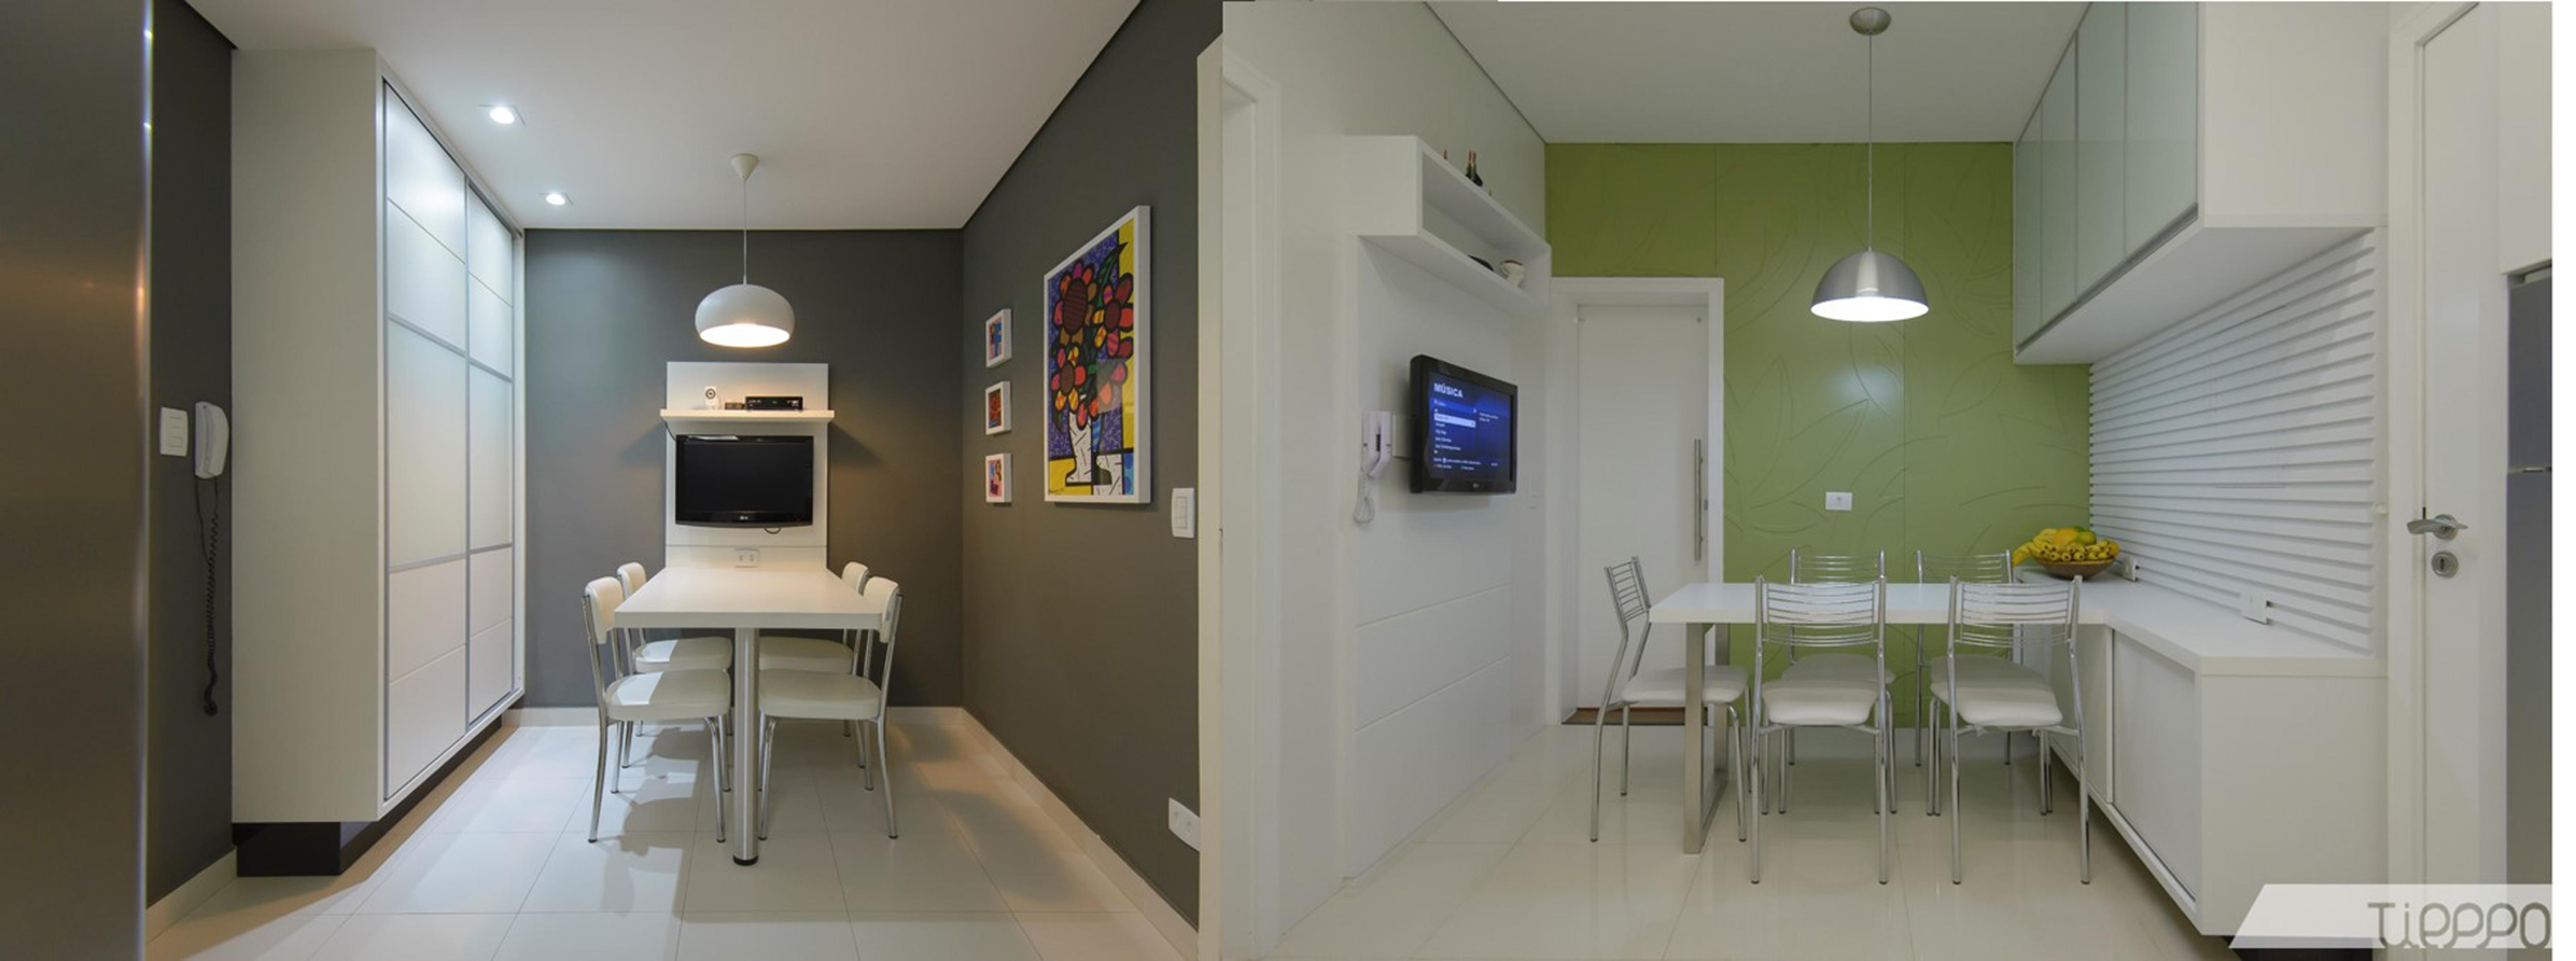 Duas visões de um mesmo apartamento Tieppo #384070 5000 1865